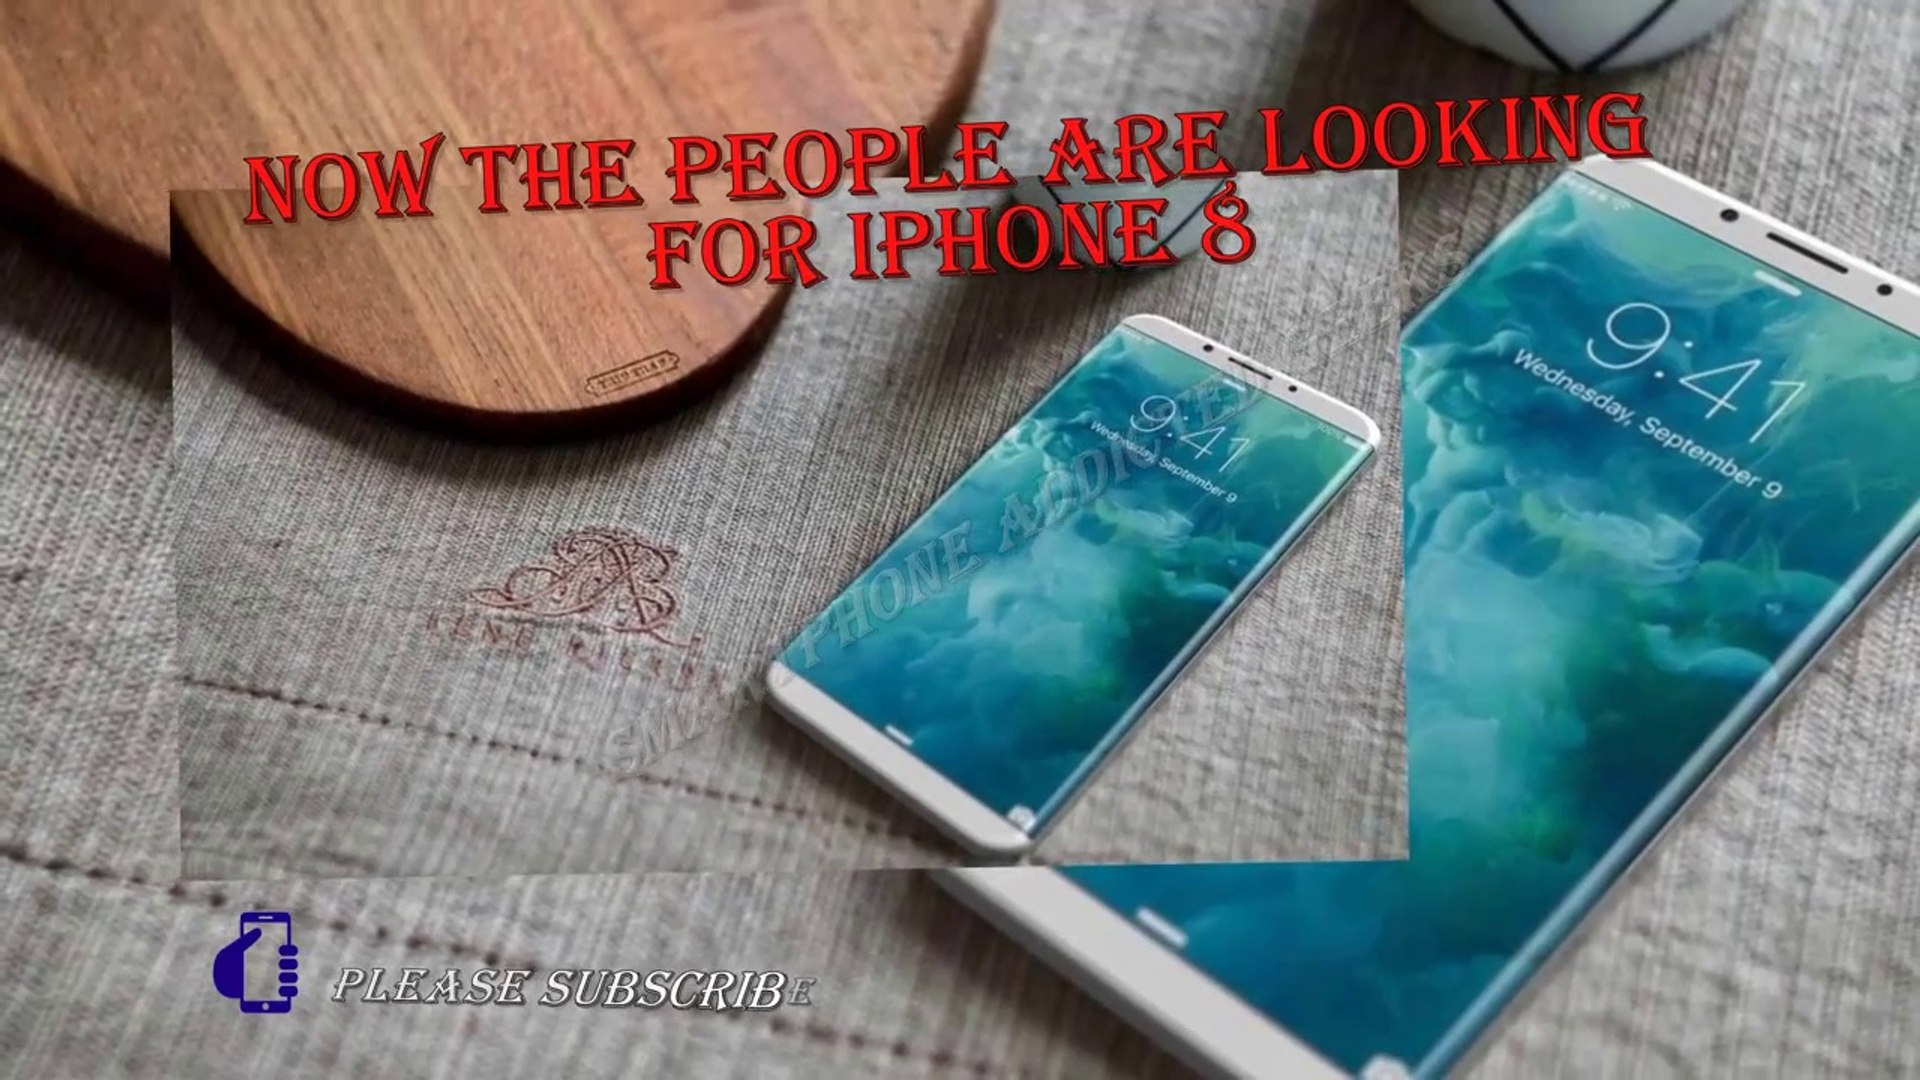 iPhone 8 - iPhone 8 Edg234234werwer7